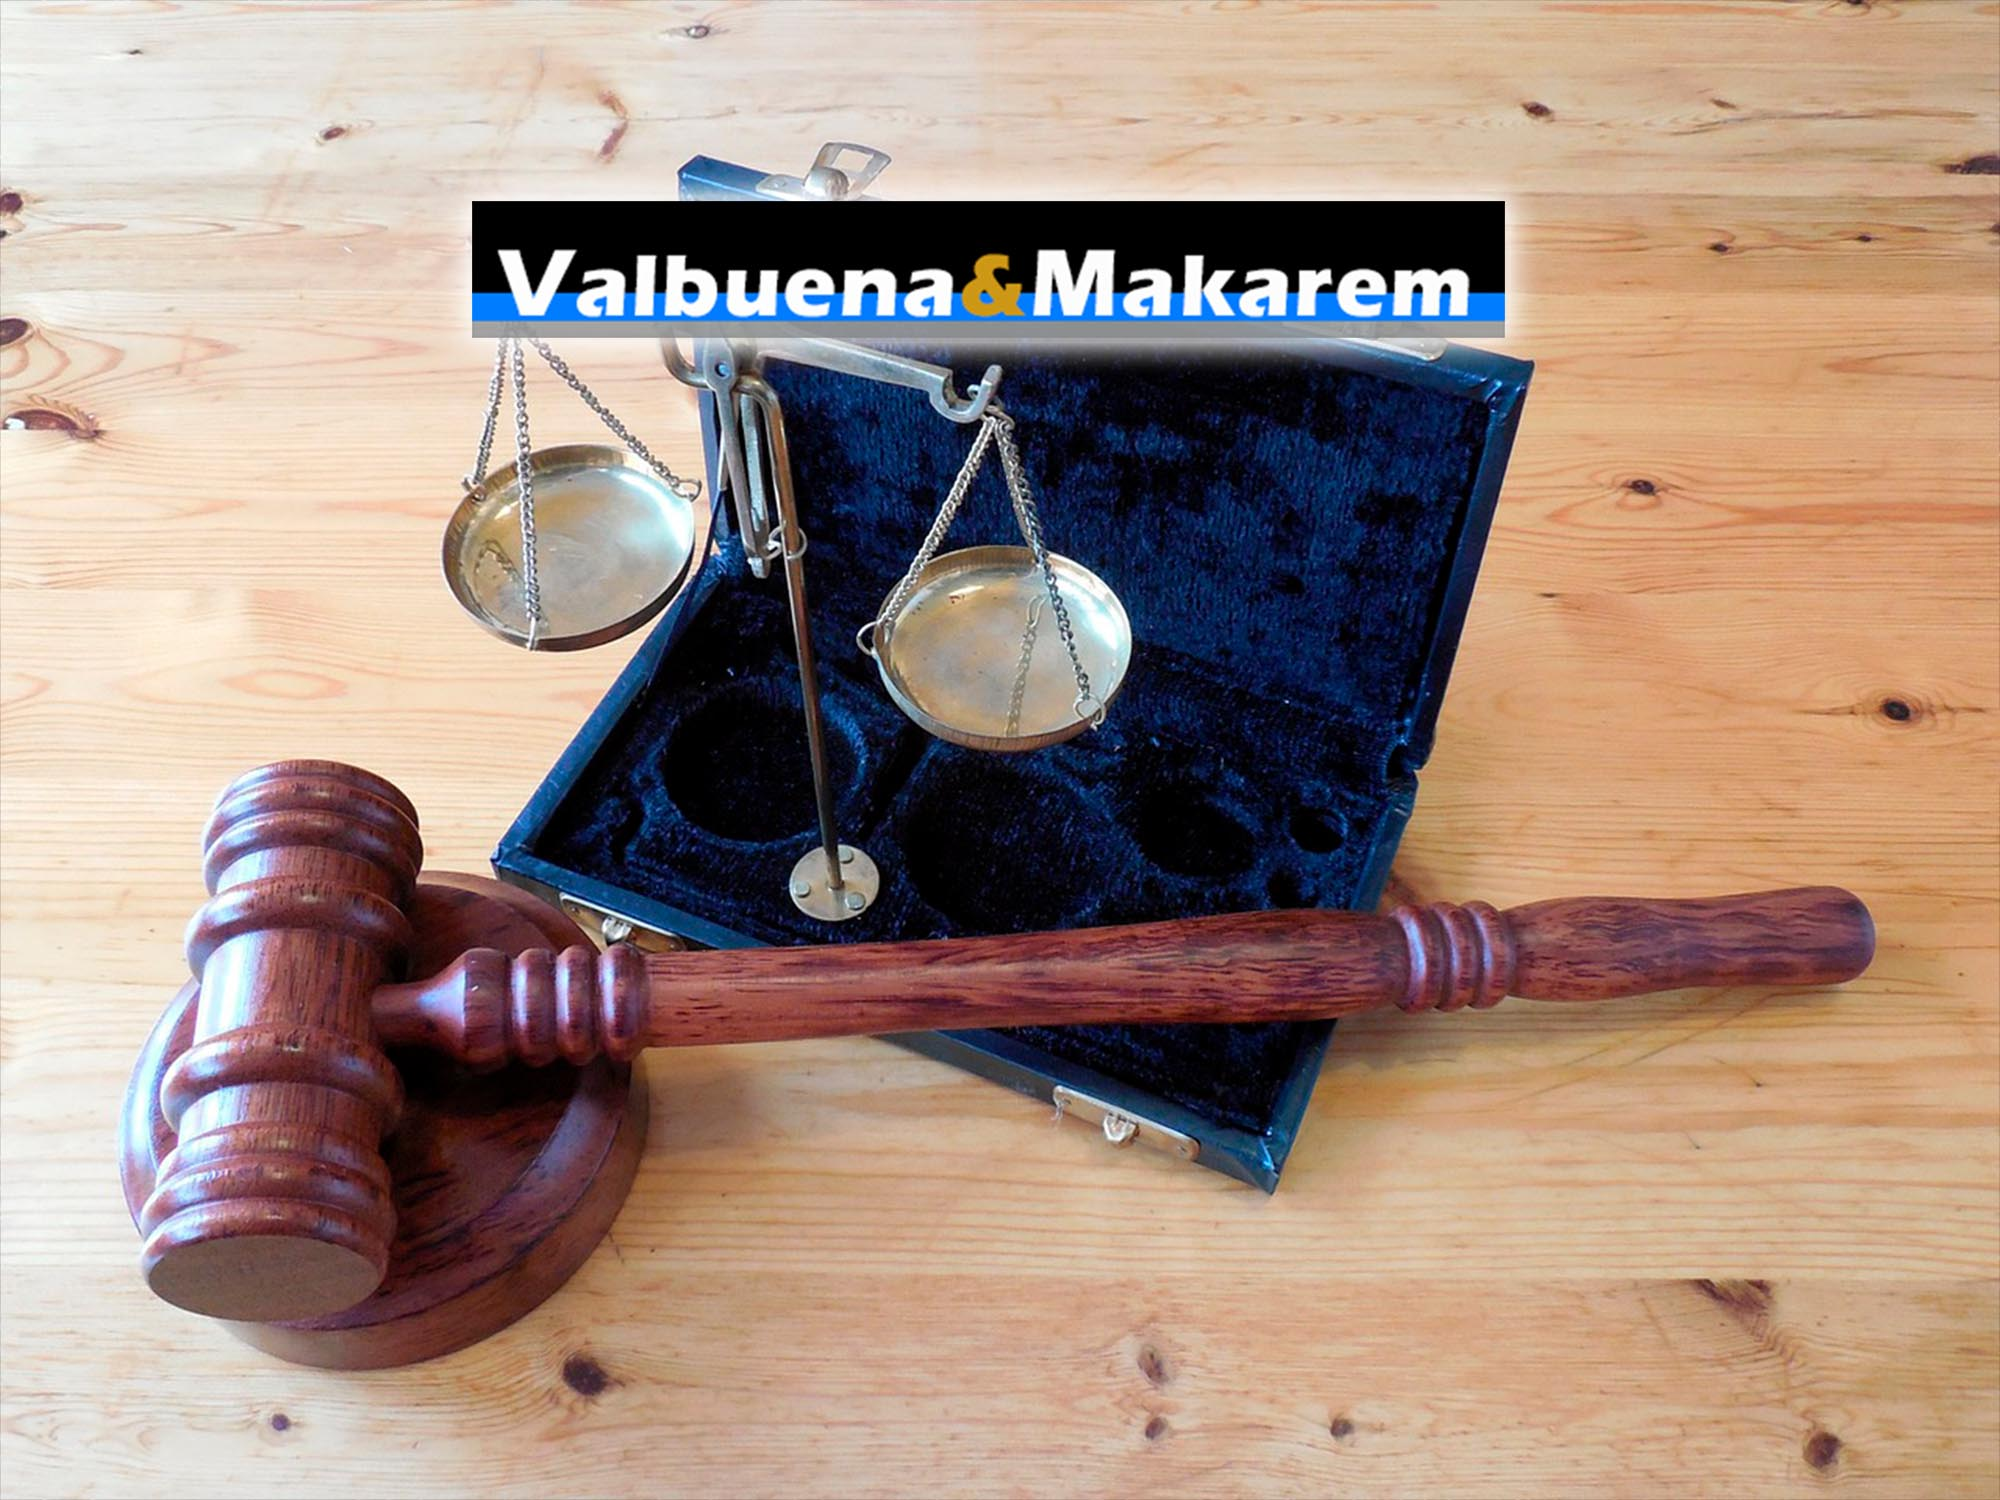 Escritorio Jurídico conformado por profesionales experimentados, profesores universitarios y abogados  unieron sus conocimientos con el objetivo de brindarle a su clientela servicios jurídicos de alta calidad